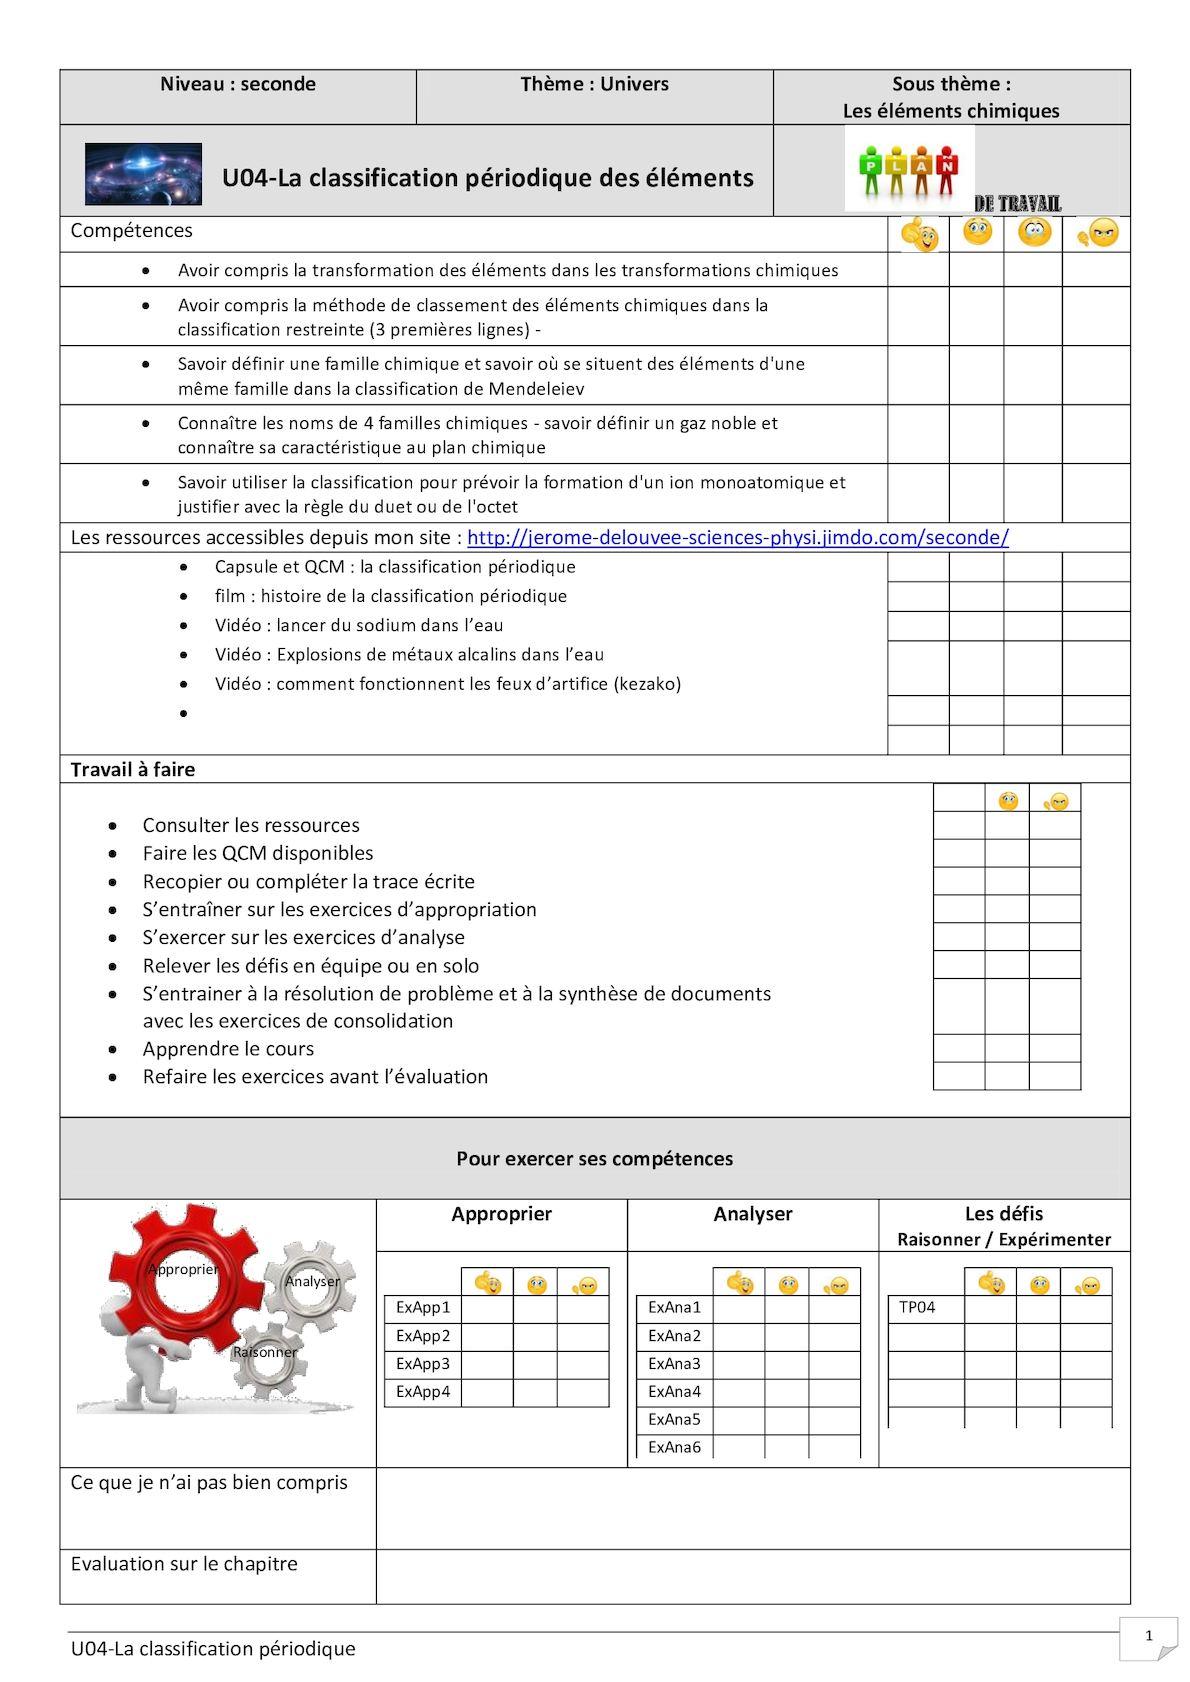 U04-La classification périodique des éléments